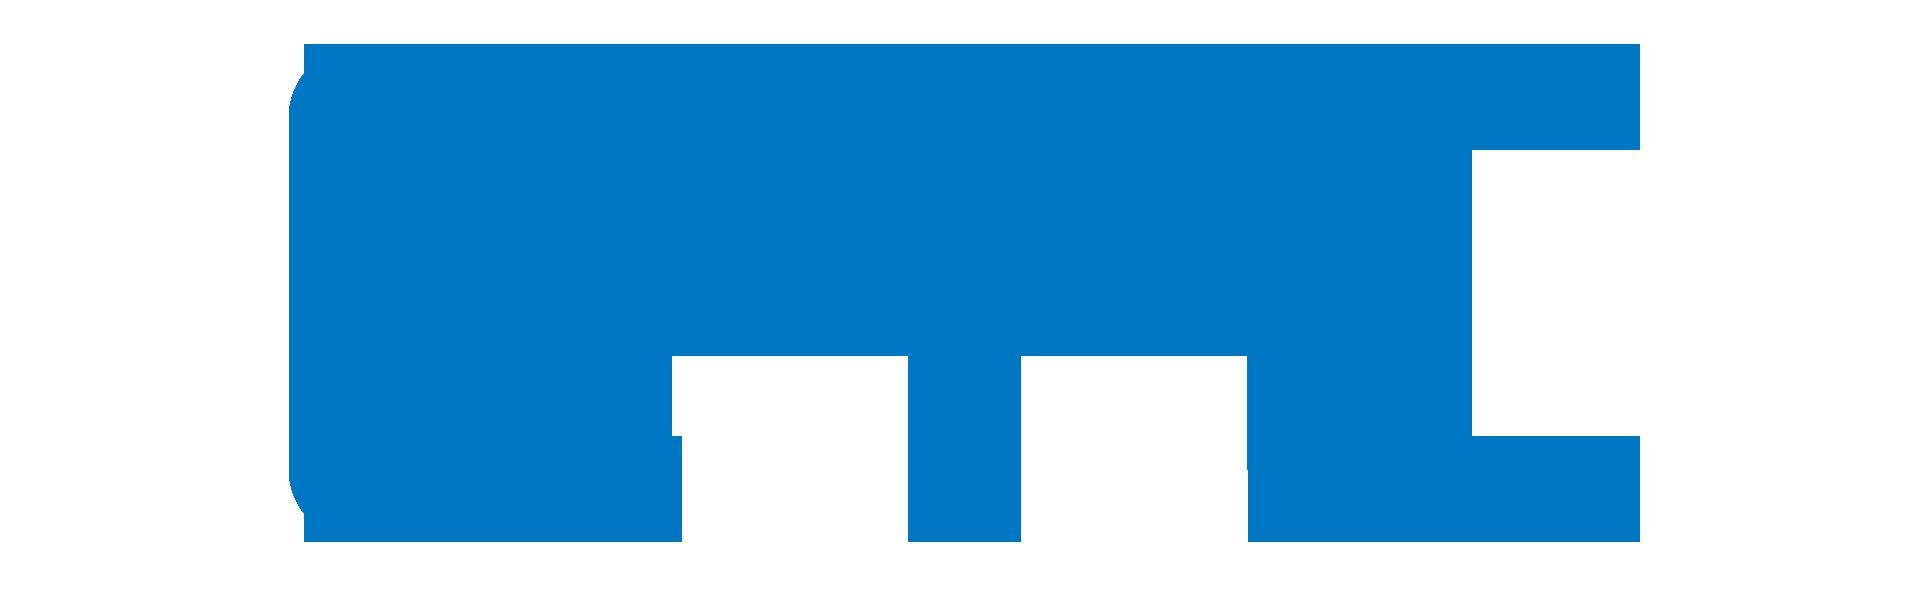 blue-eyc